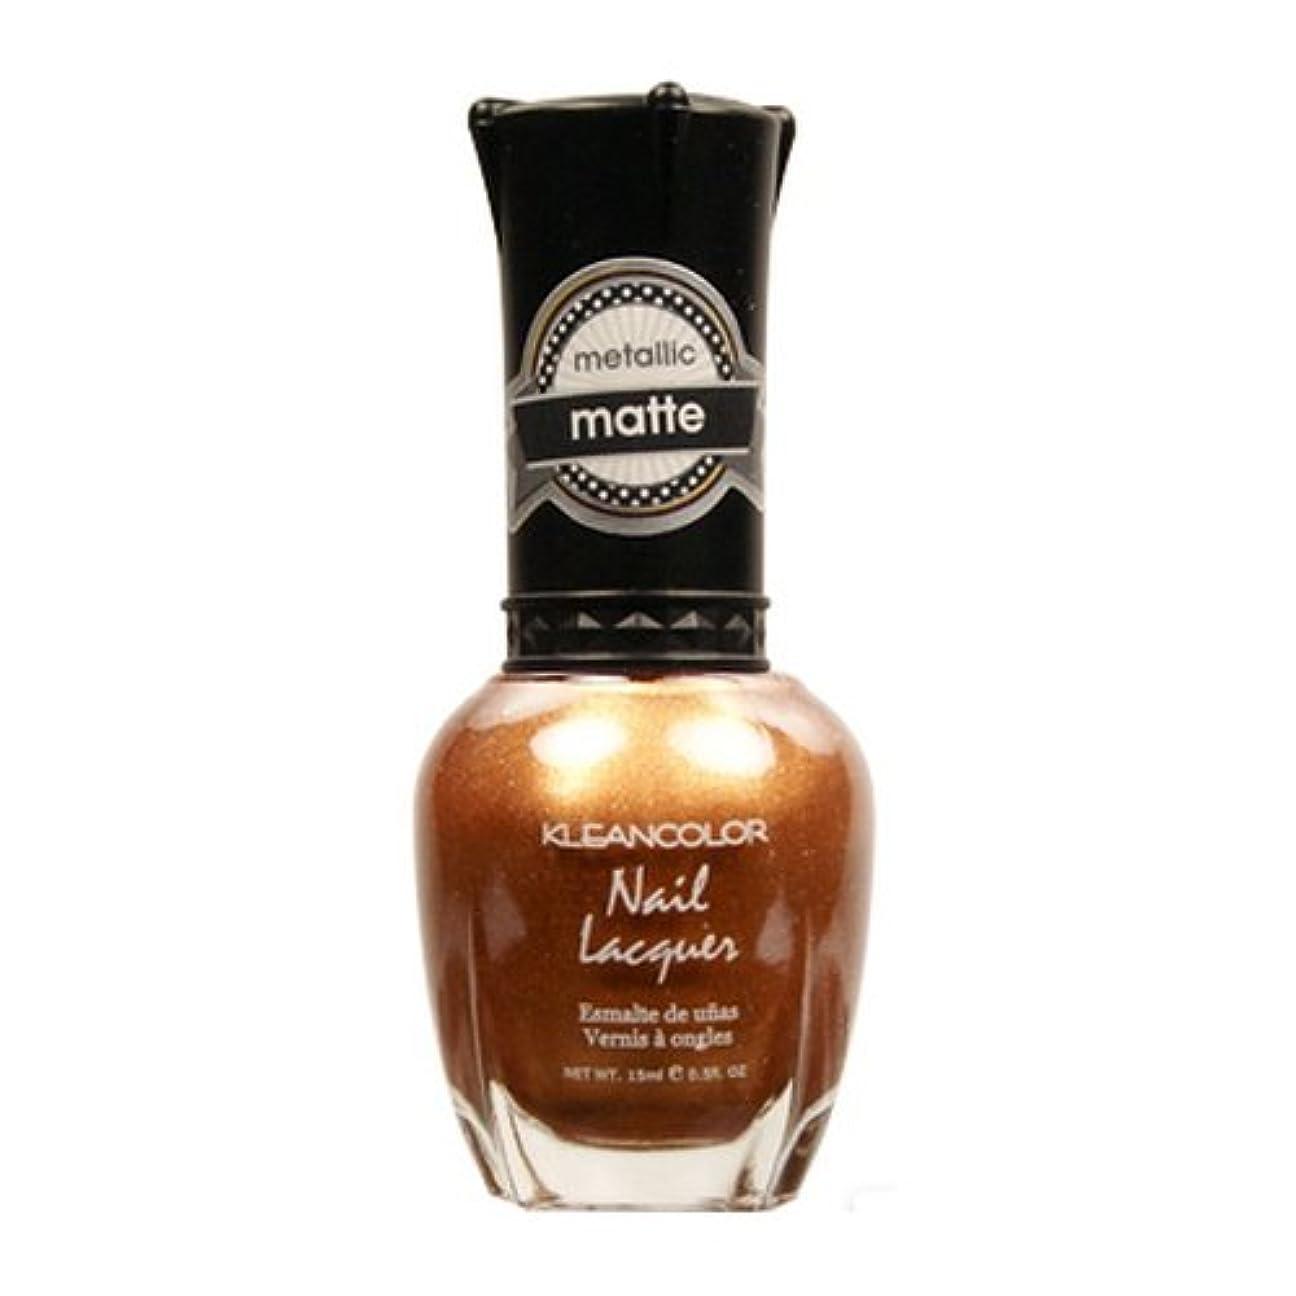 アルカイック記述する確立(6 Pack) KLEANCOLOR Matte Nail Lacquer - Life in Gold Castle (並行輸入品)